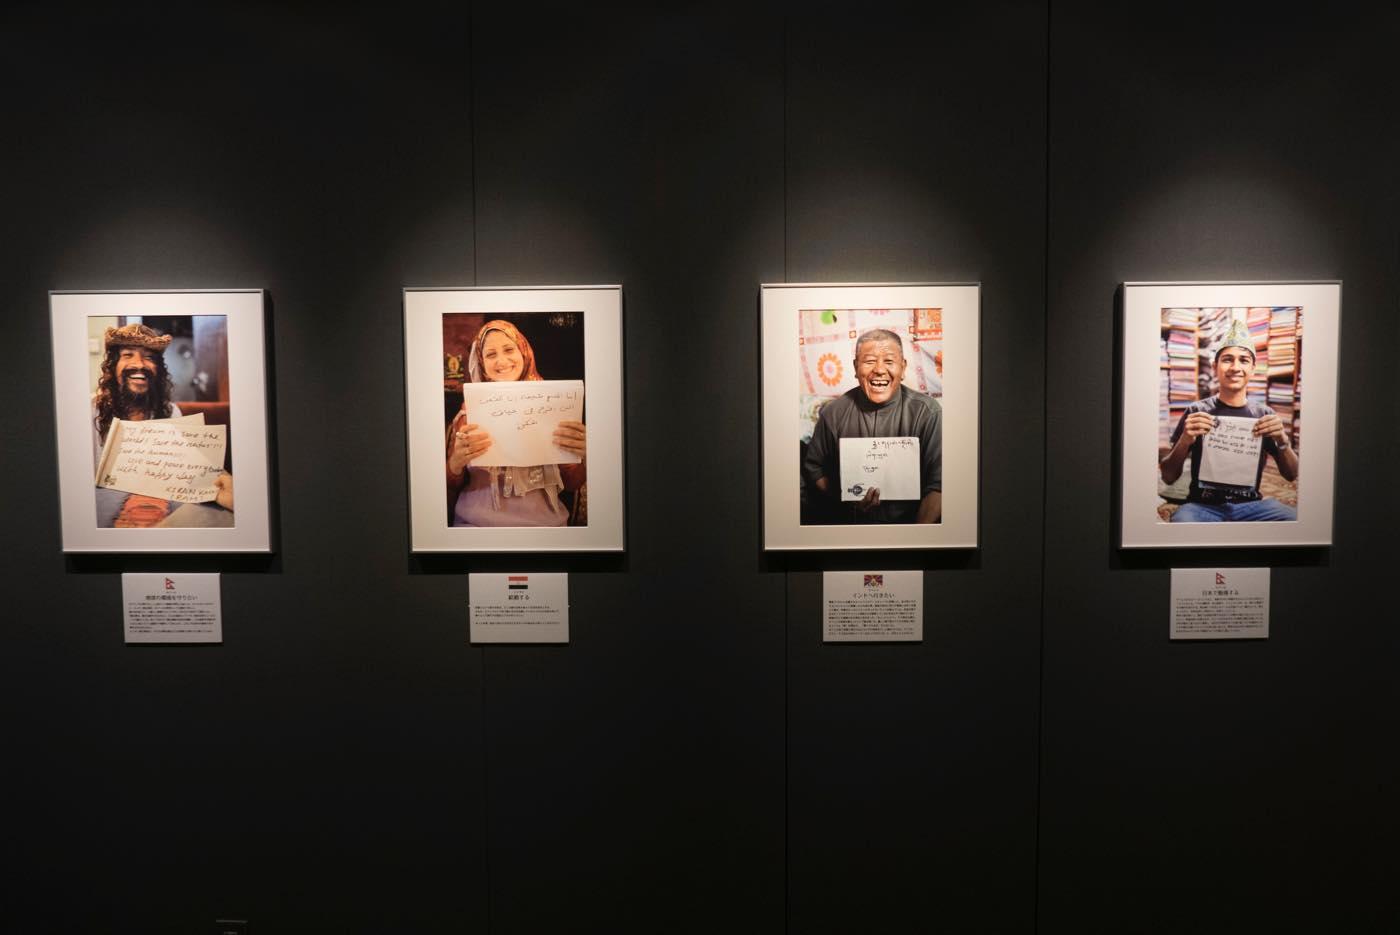 【スタッフの写真展が終了】タビノコトバと写真展開催の経緯がリンクしている